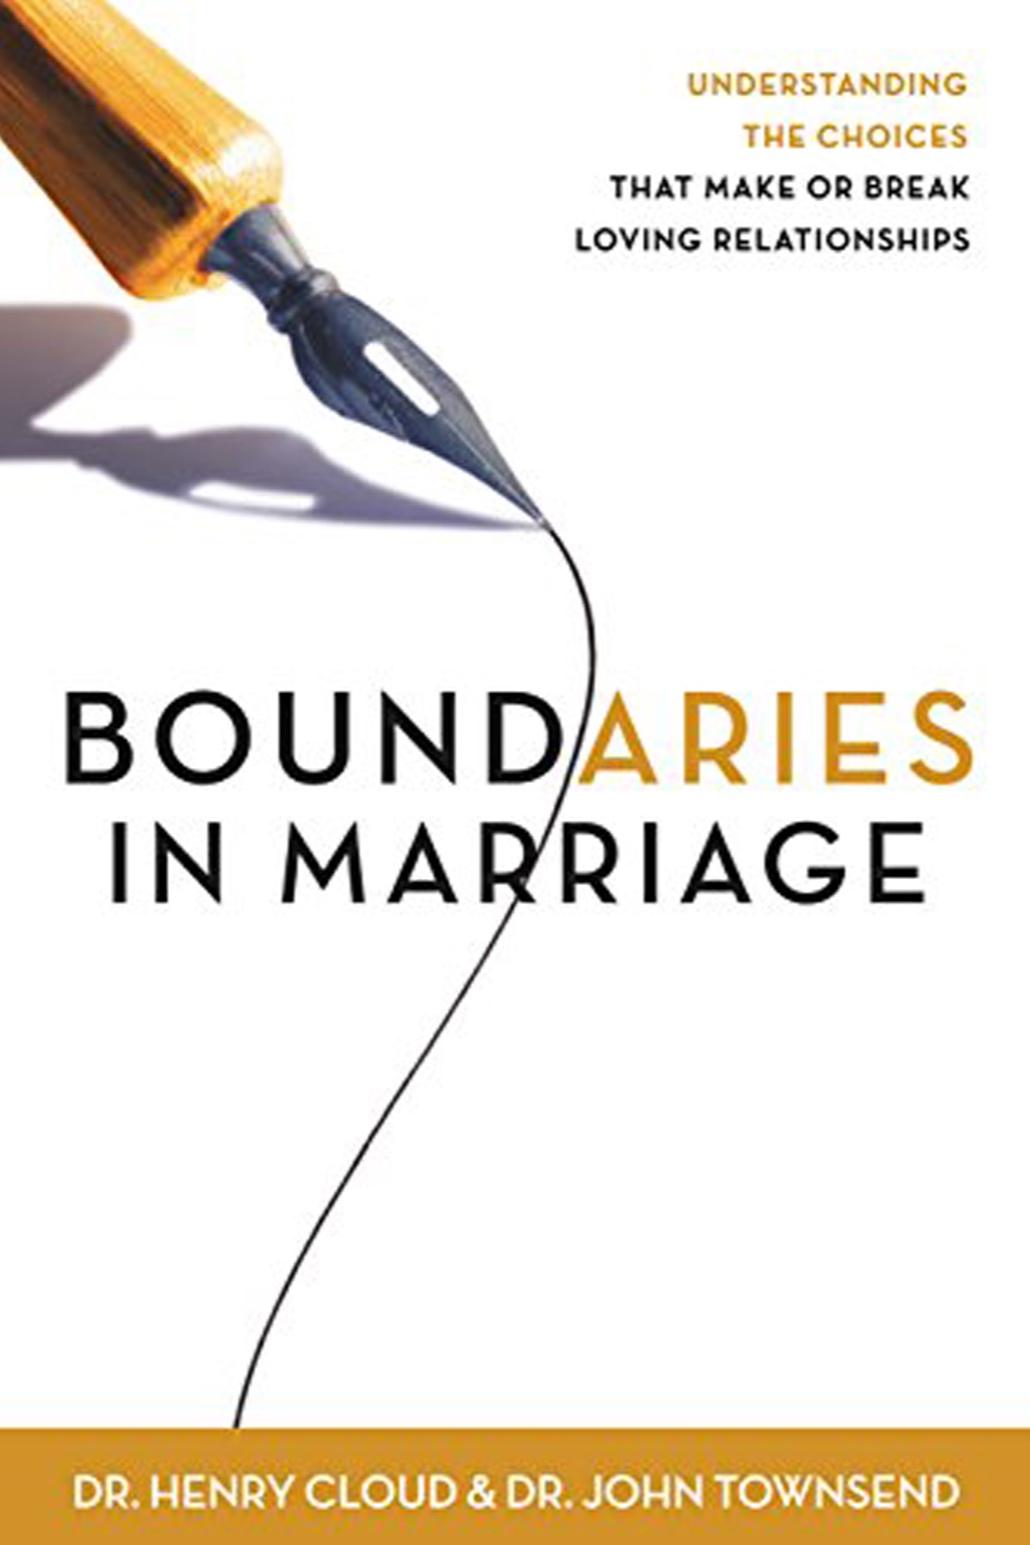 boundaries-in-marriage-book.jpg